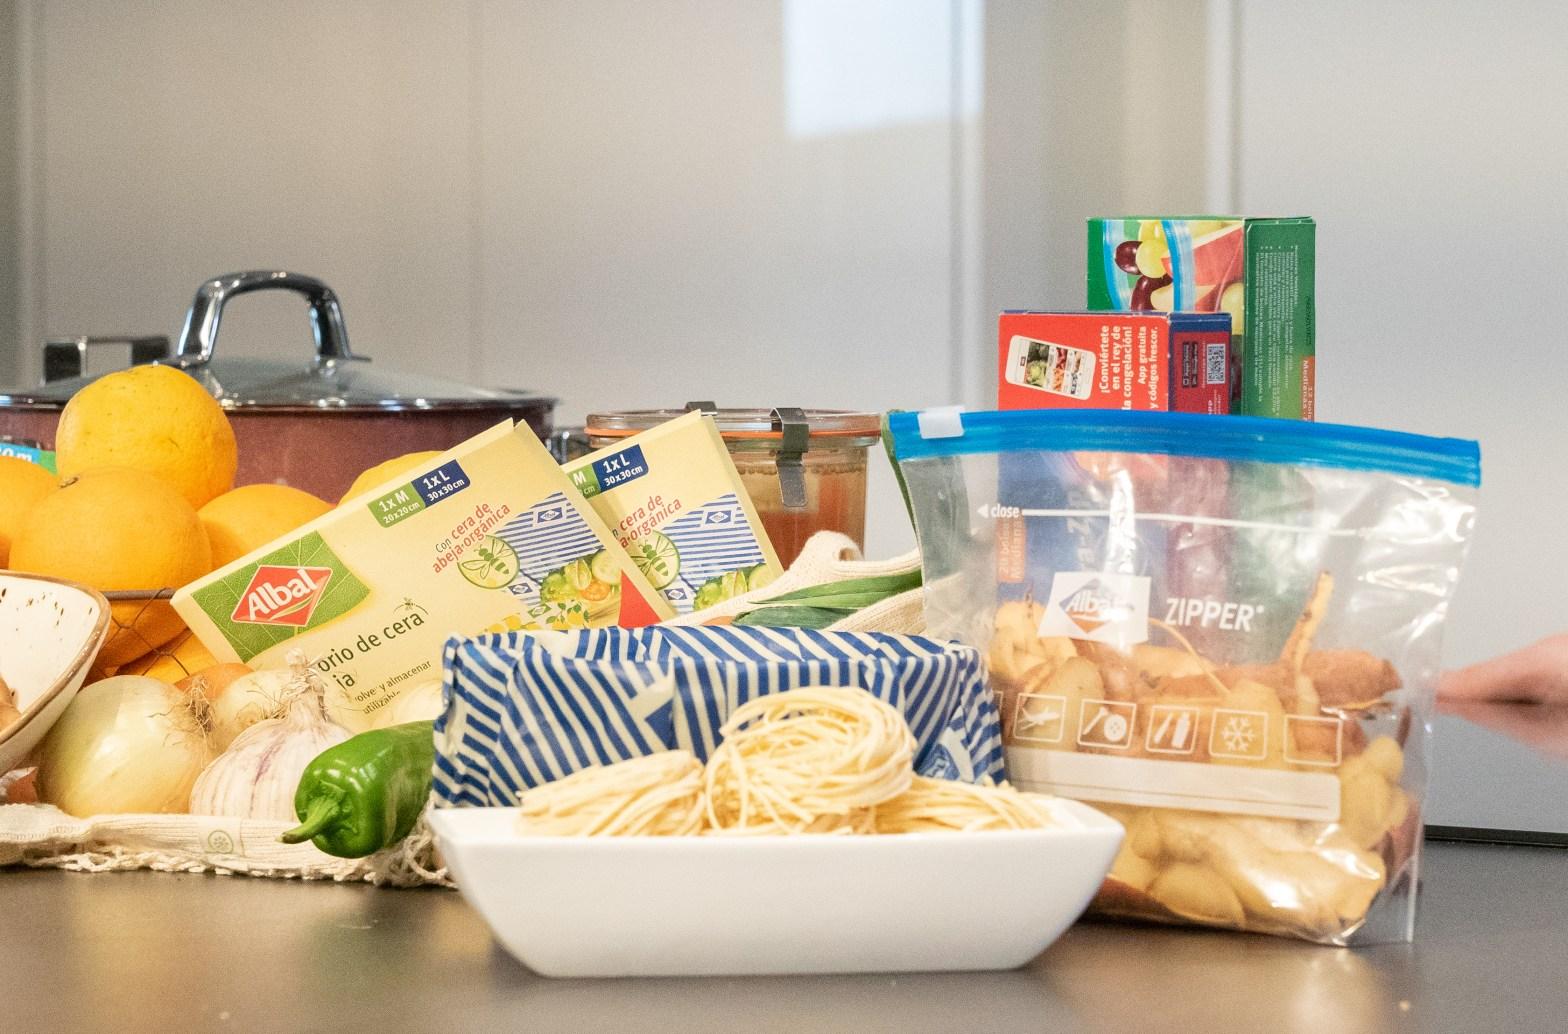 albal reutilizables food waste